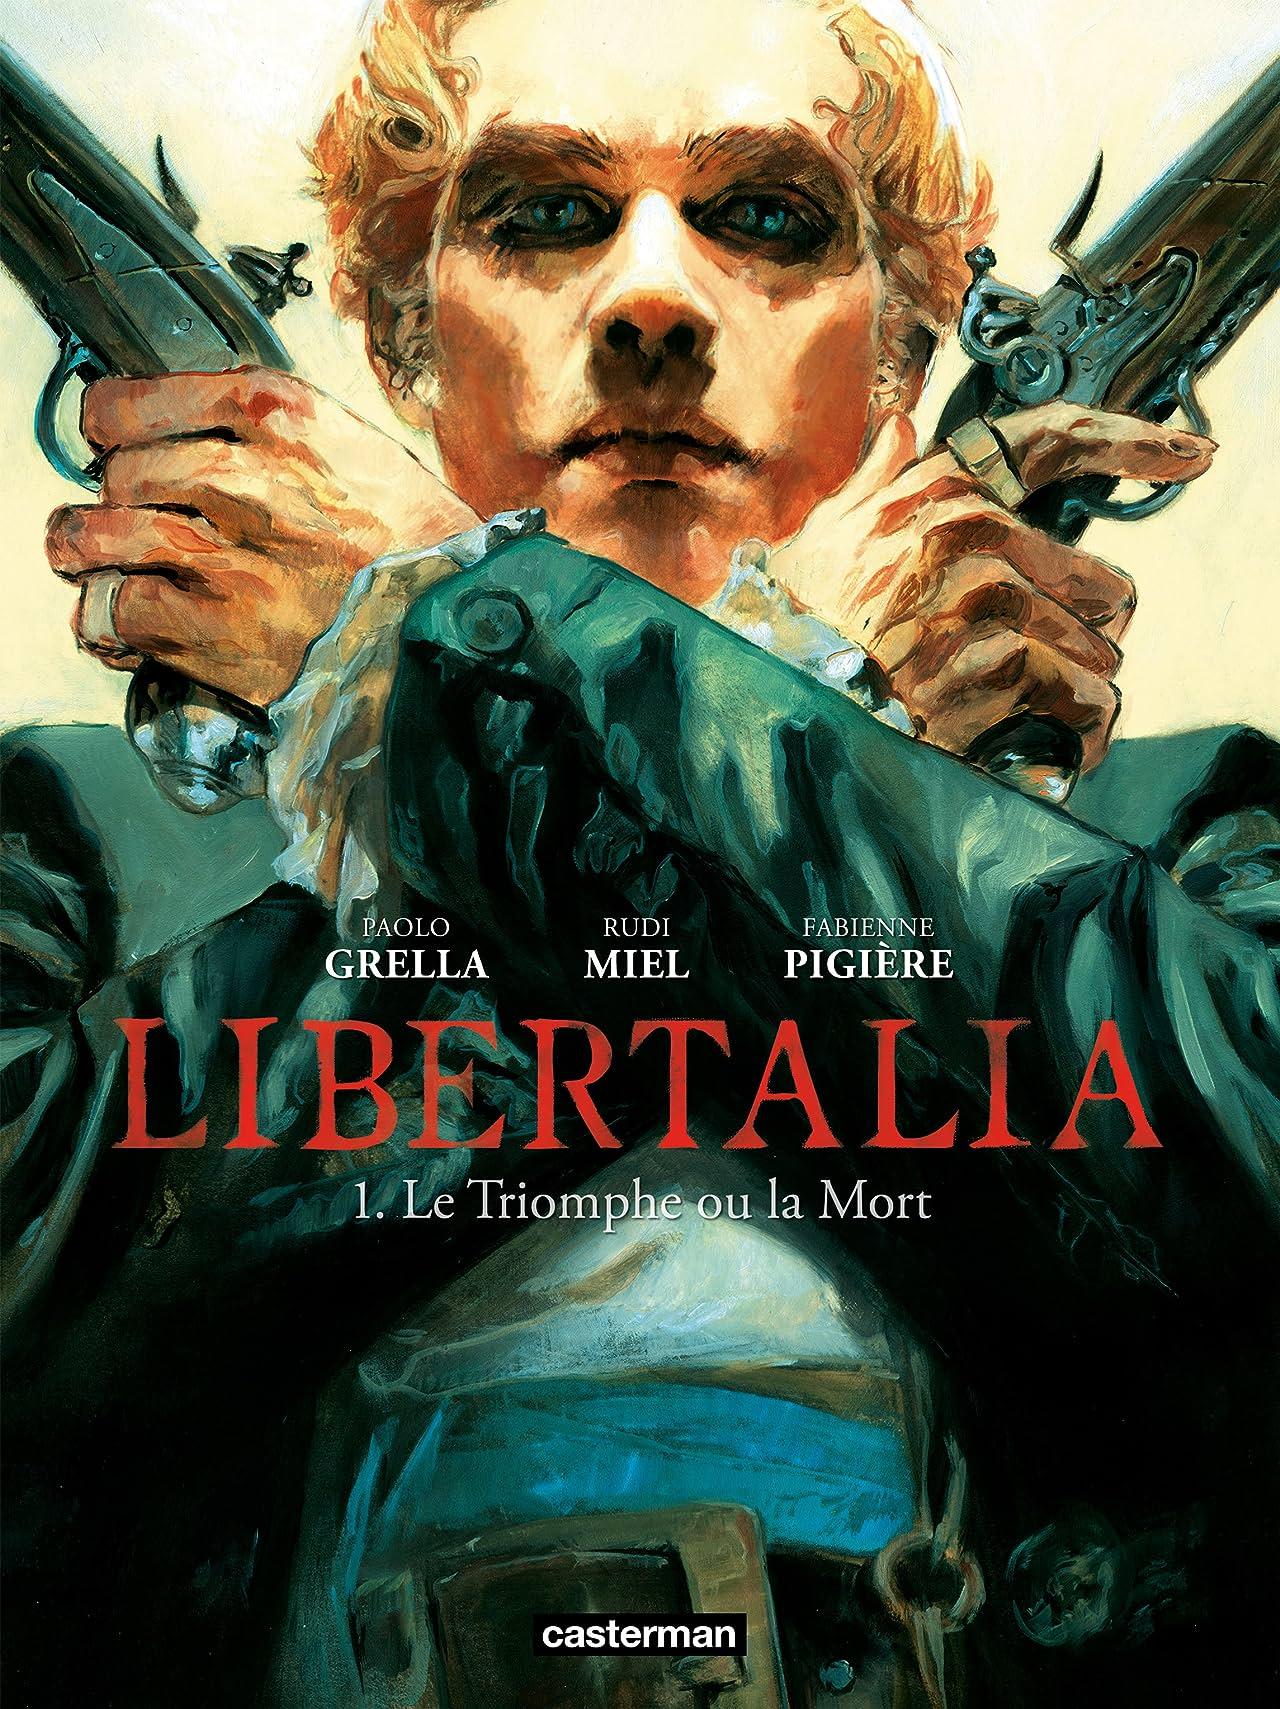 Libertalia Vol. 1: Le Triomphe ou la Mort